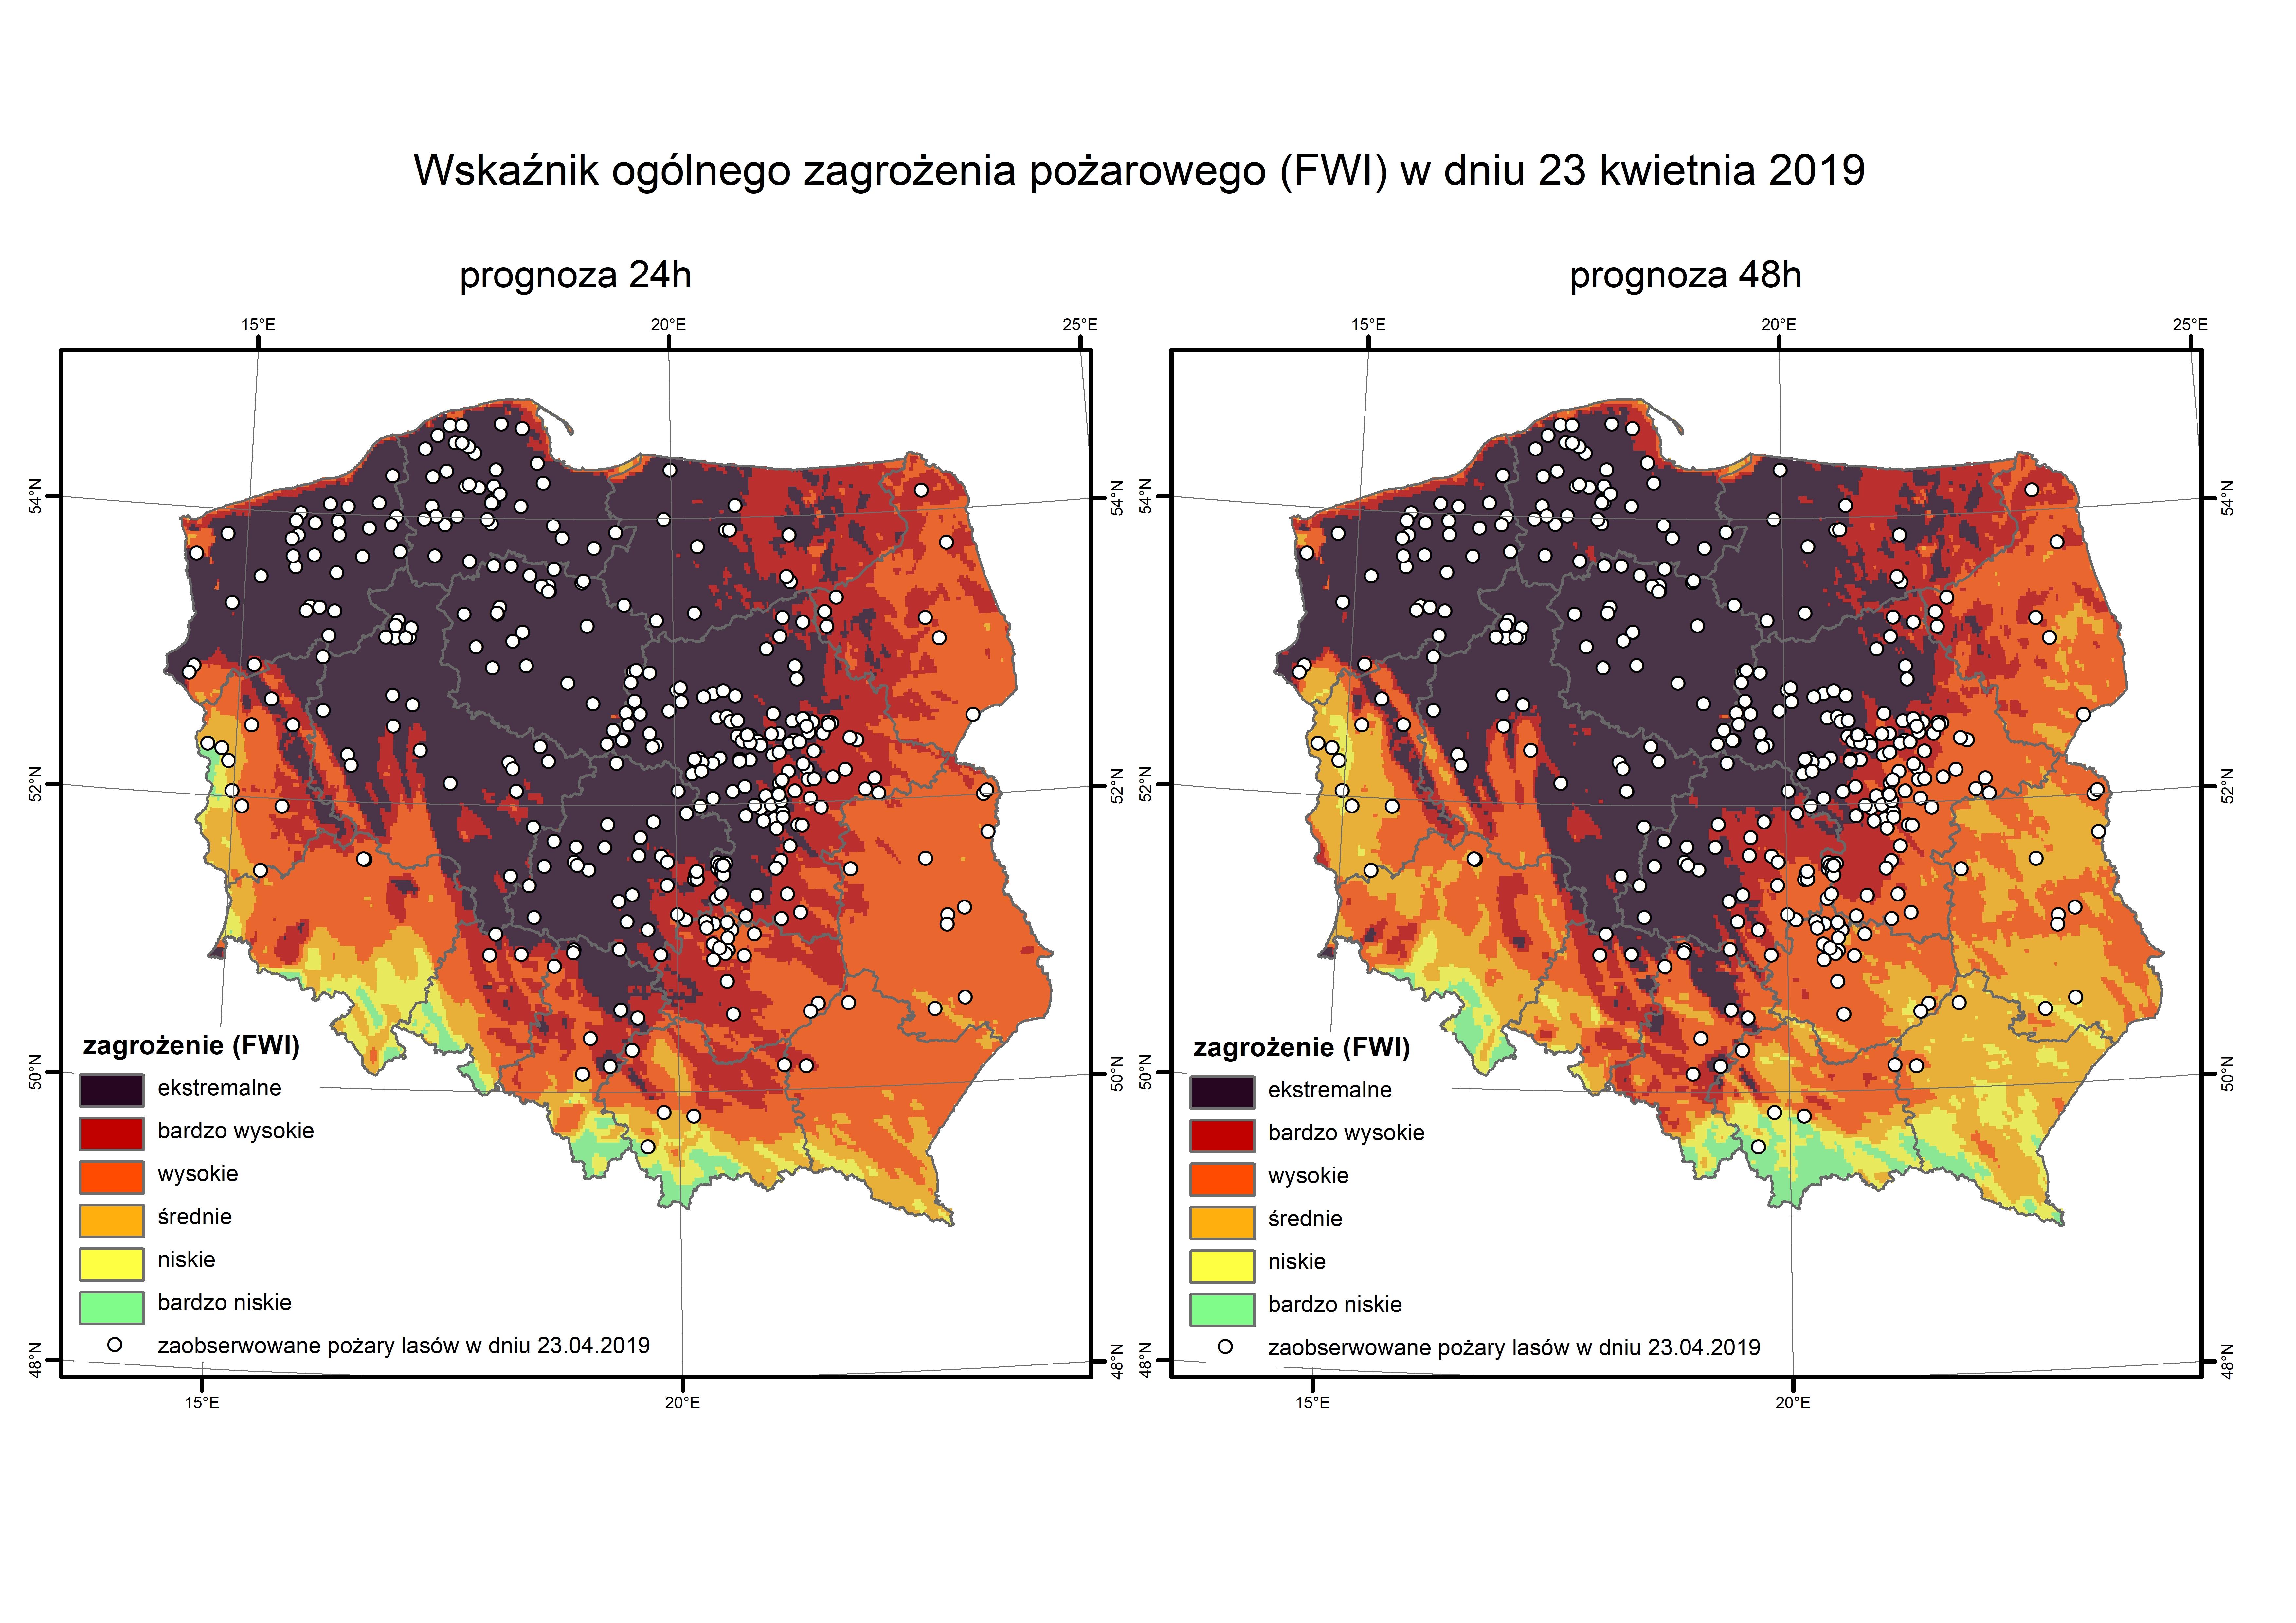 Pożary lasów zaobserwowane 23 kwietnia 2019 roku na tle wysokorozdzielczej prognozy wskaźnika FWI (ogólnego zagrożenia pożarowego) na ten dzień z 22 i 21 kwietnia 2019 roku; źródło danych o pożarach: Państwowa Straż Pożarna.